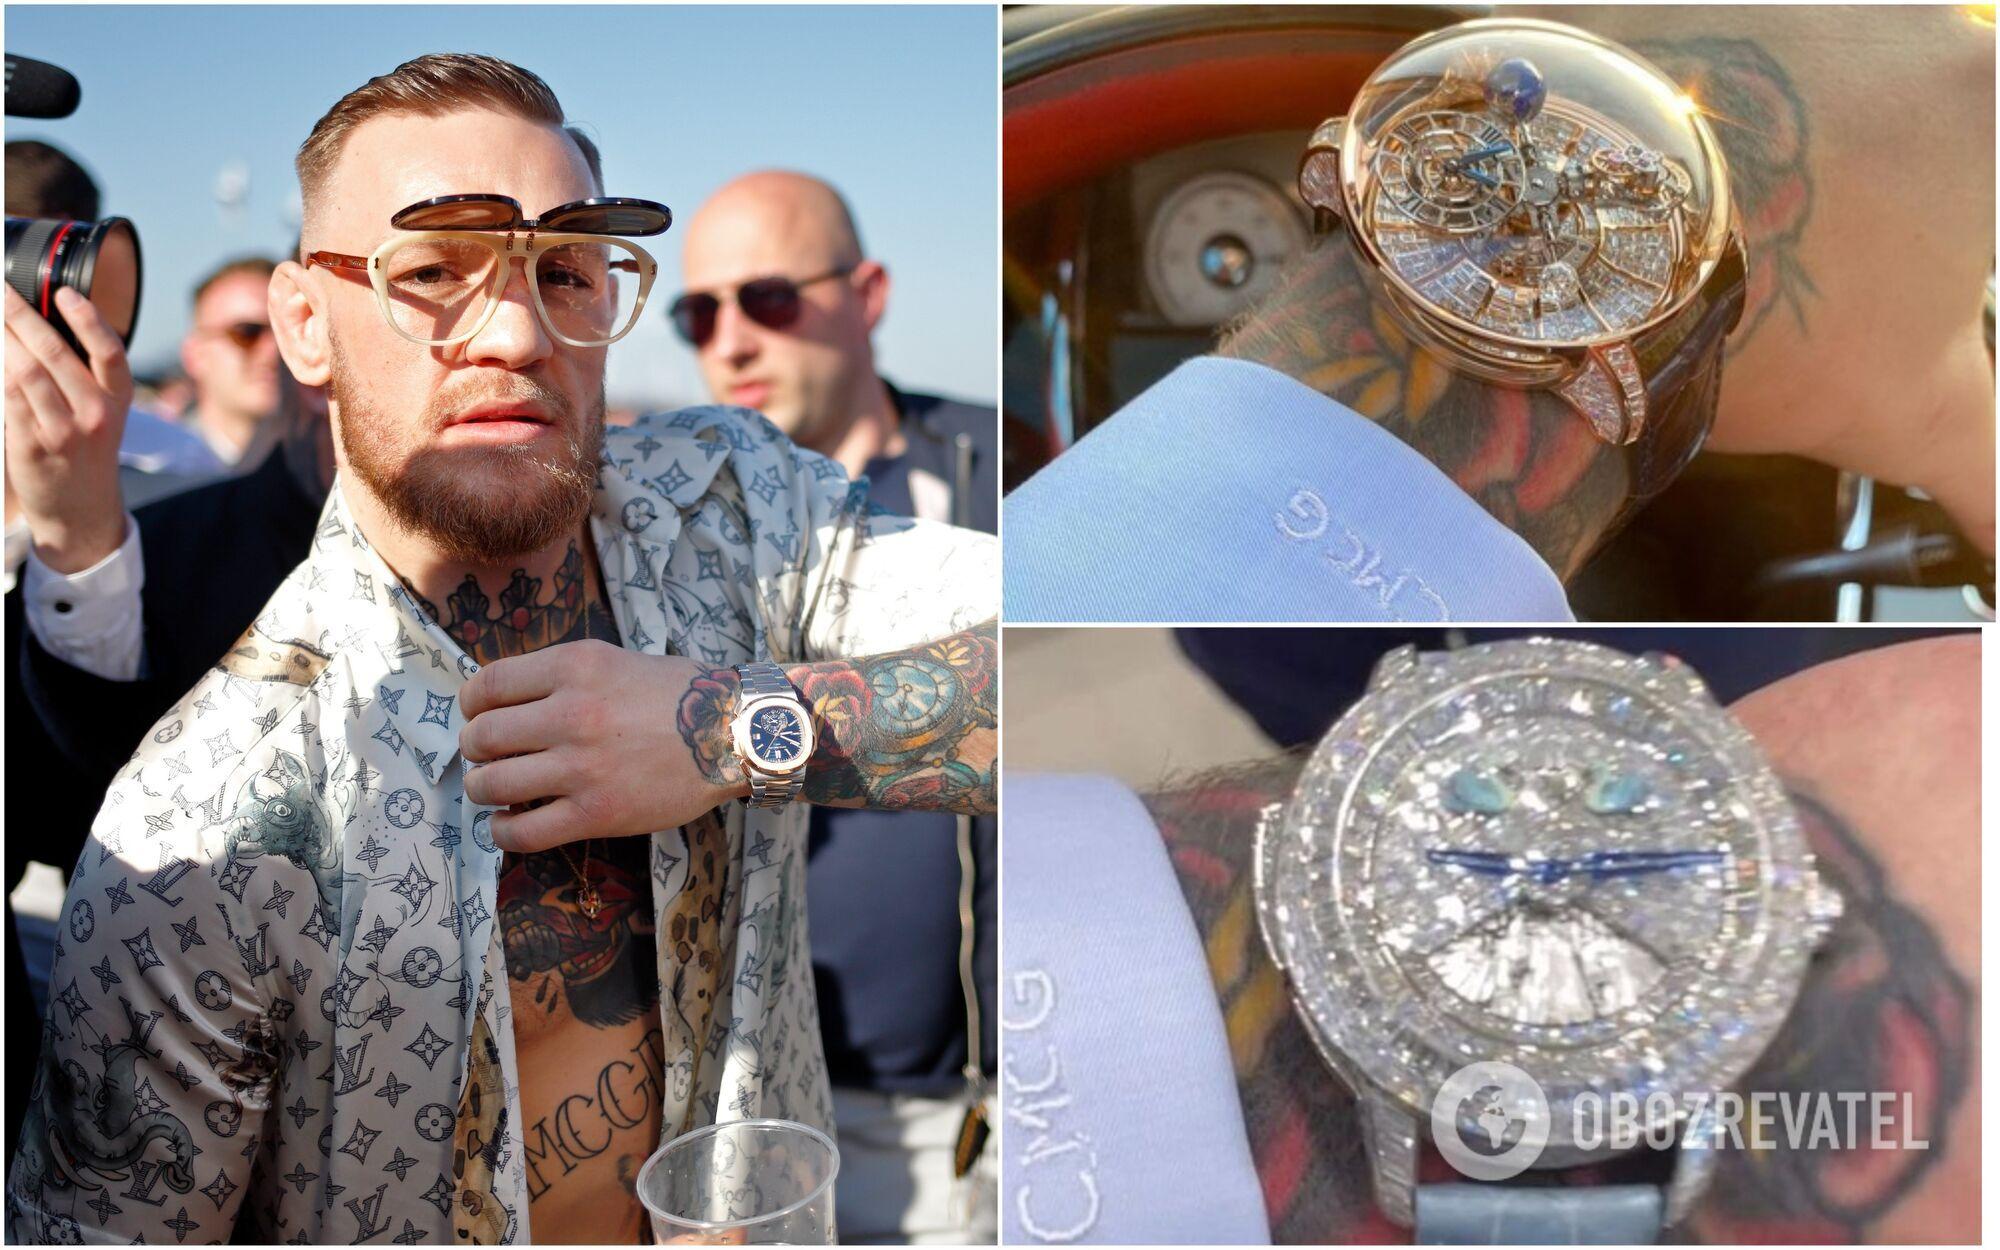 Конор Макгрегор обожает часы с бриллиантами и необычными деталями